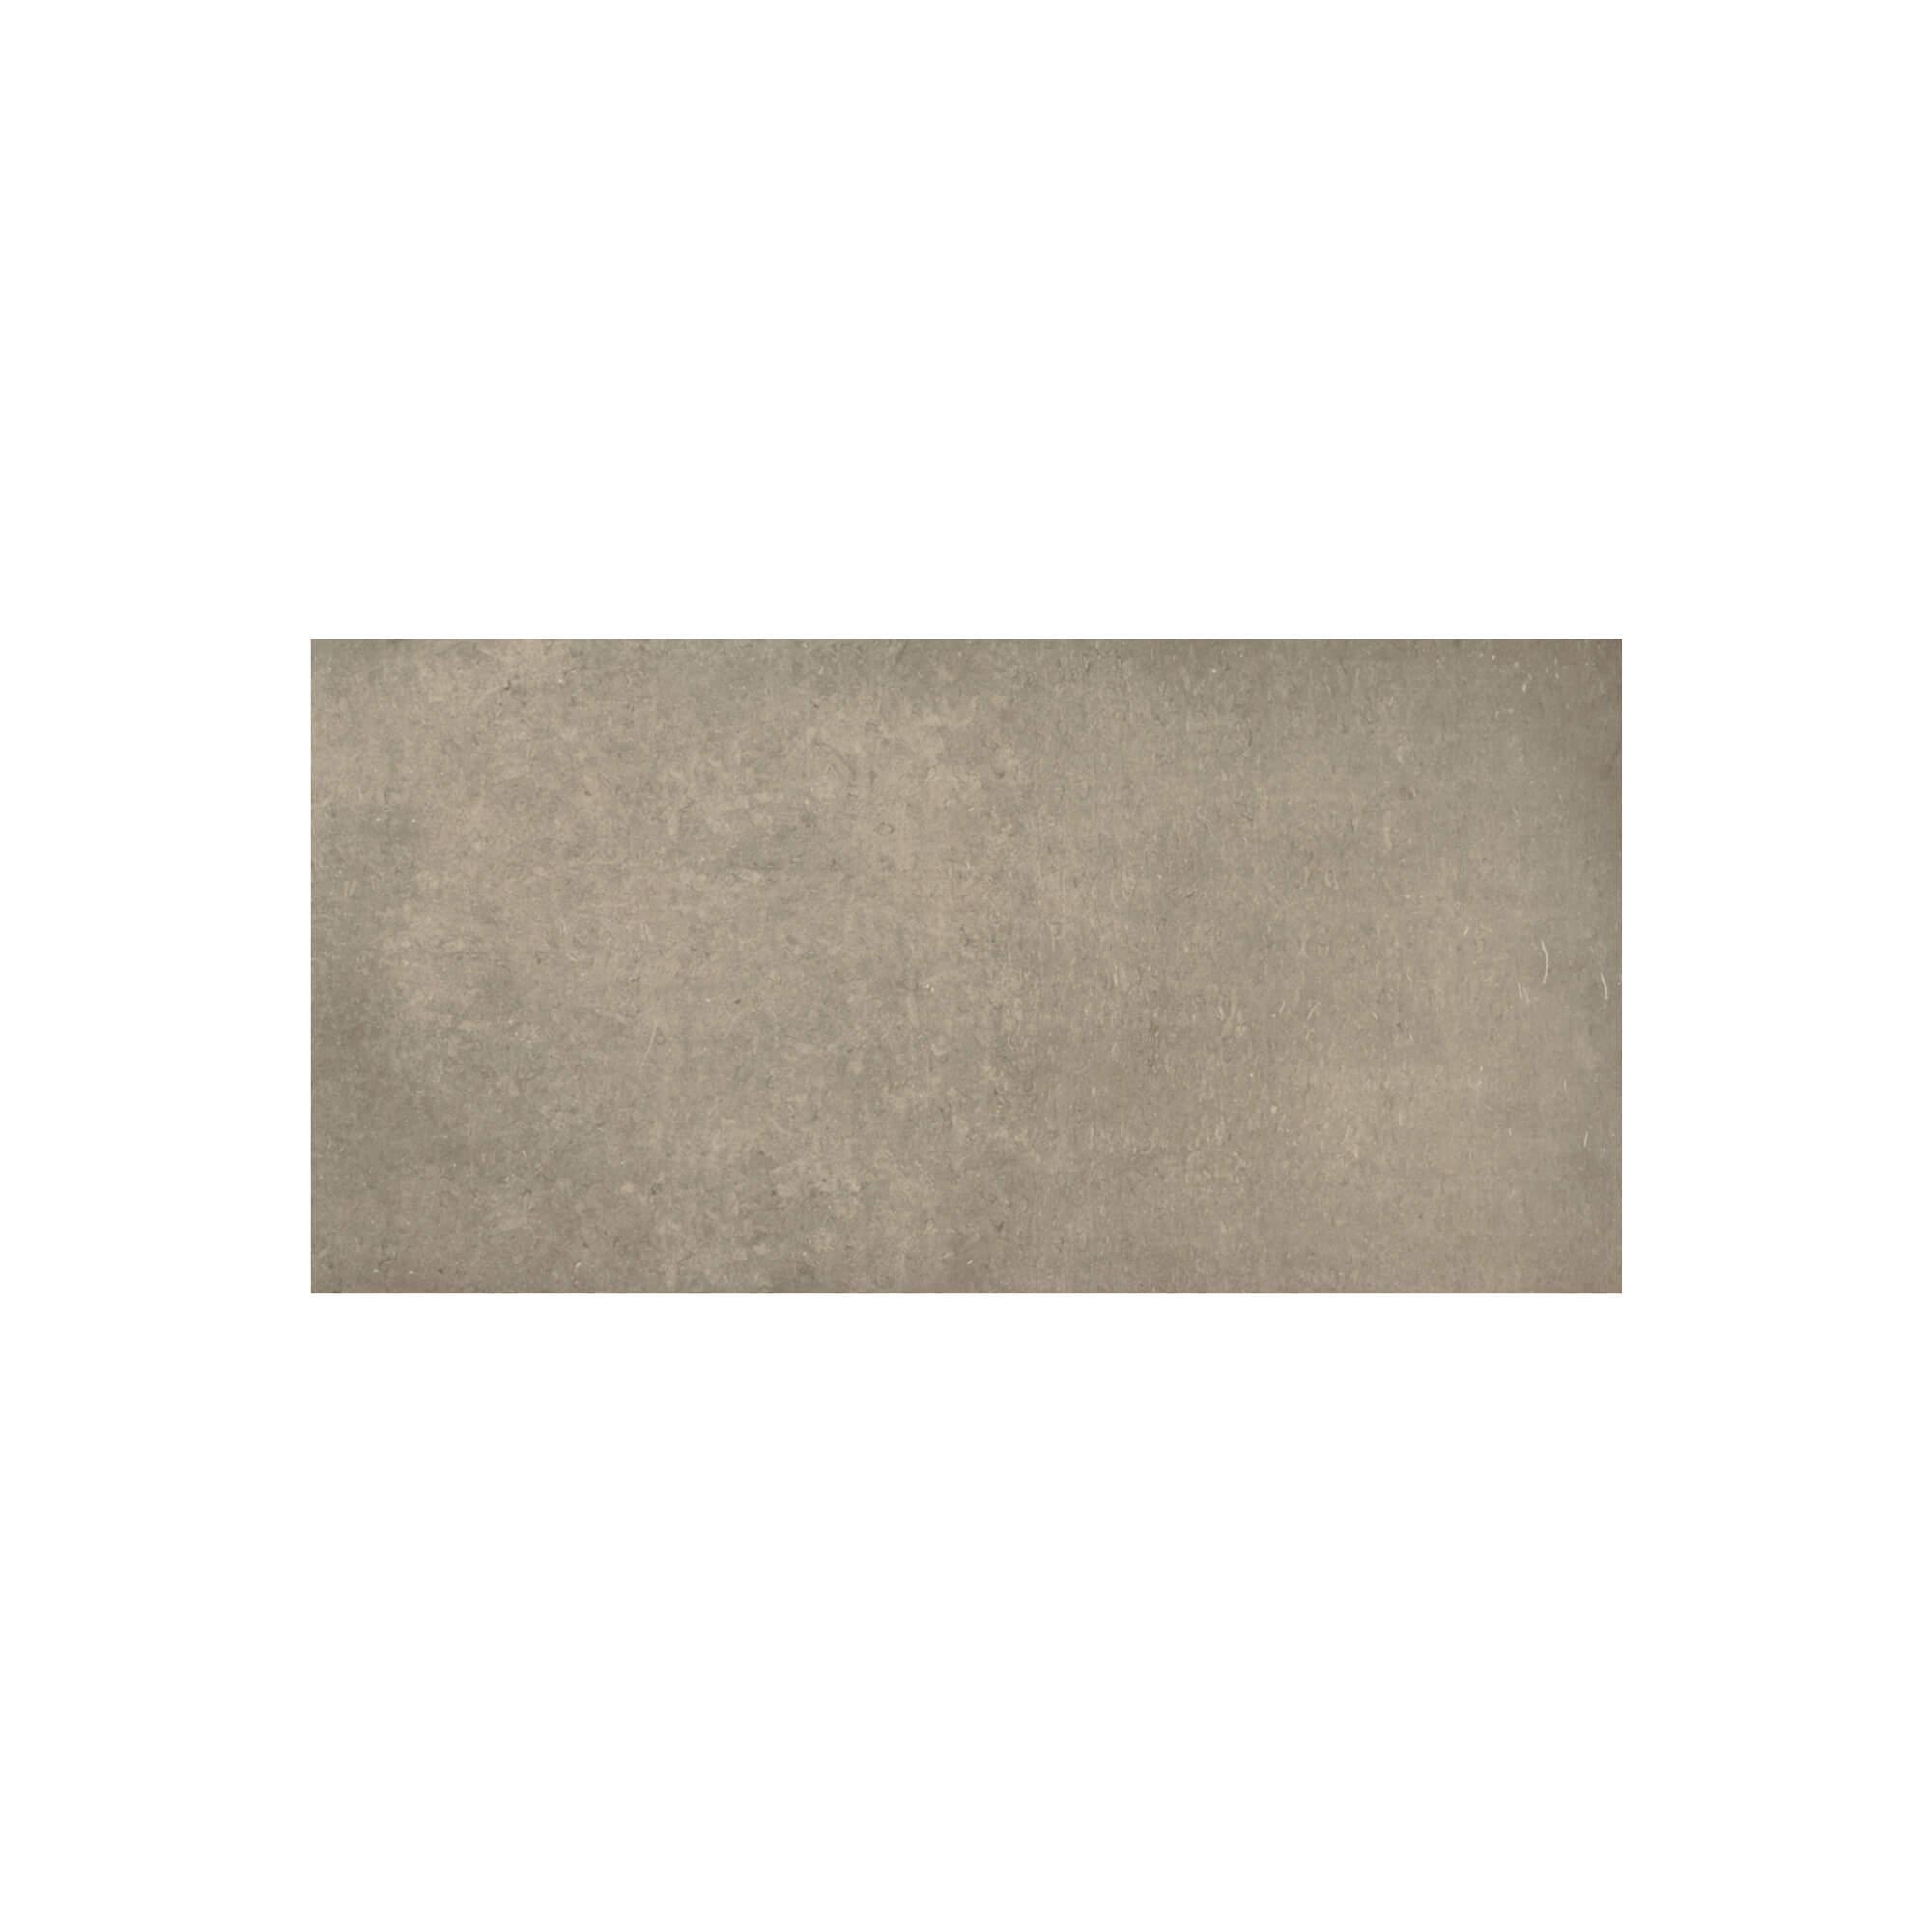 Carrelage sol et mur aspect pierre taupe Leccese Tortora 60x120 cm rectifié